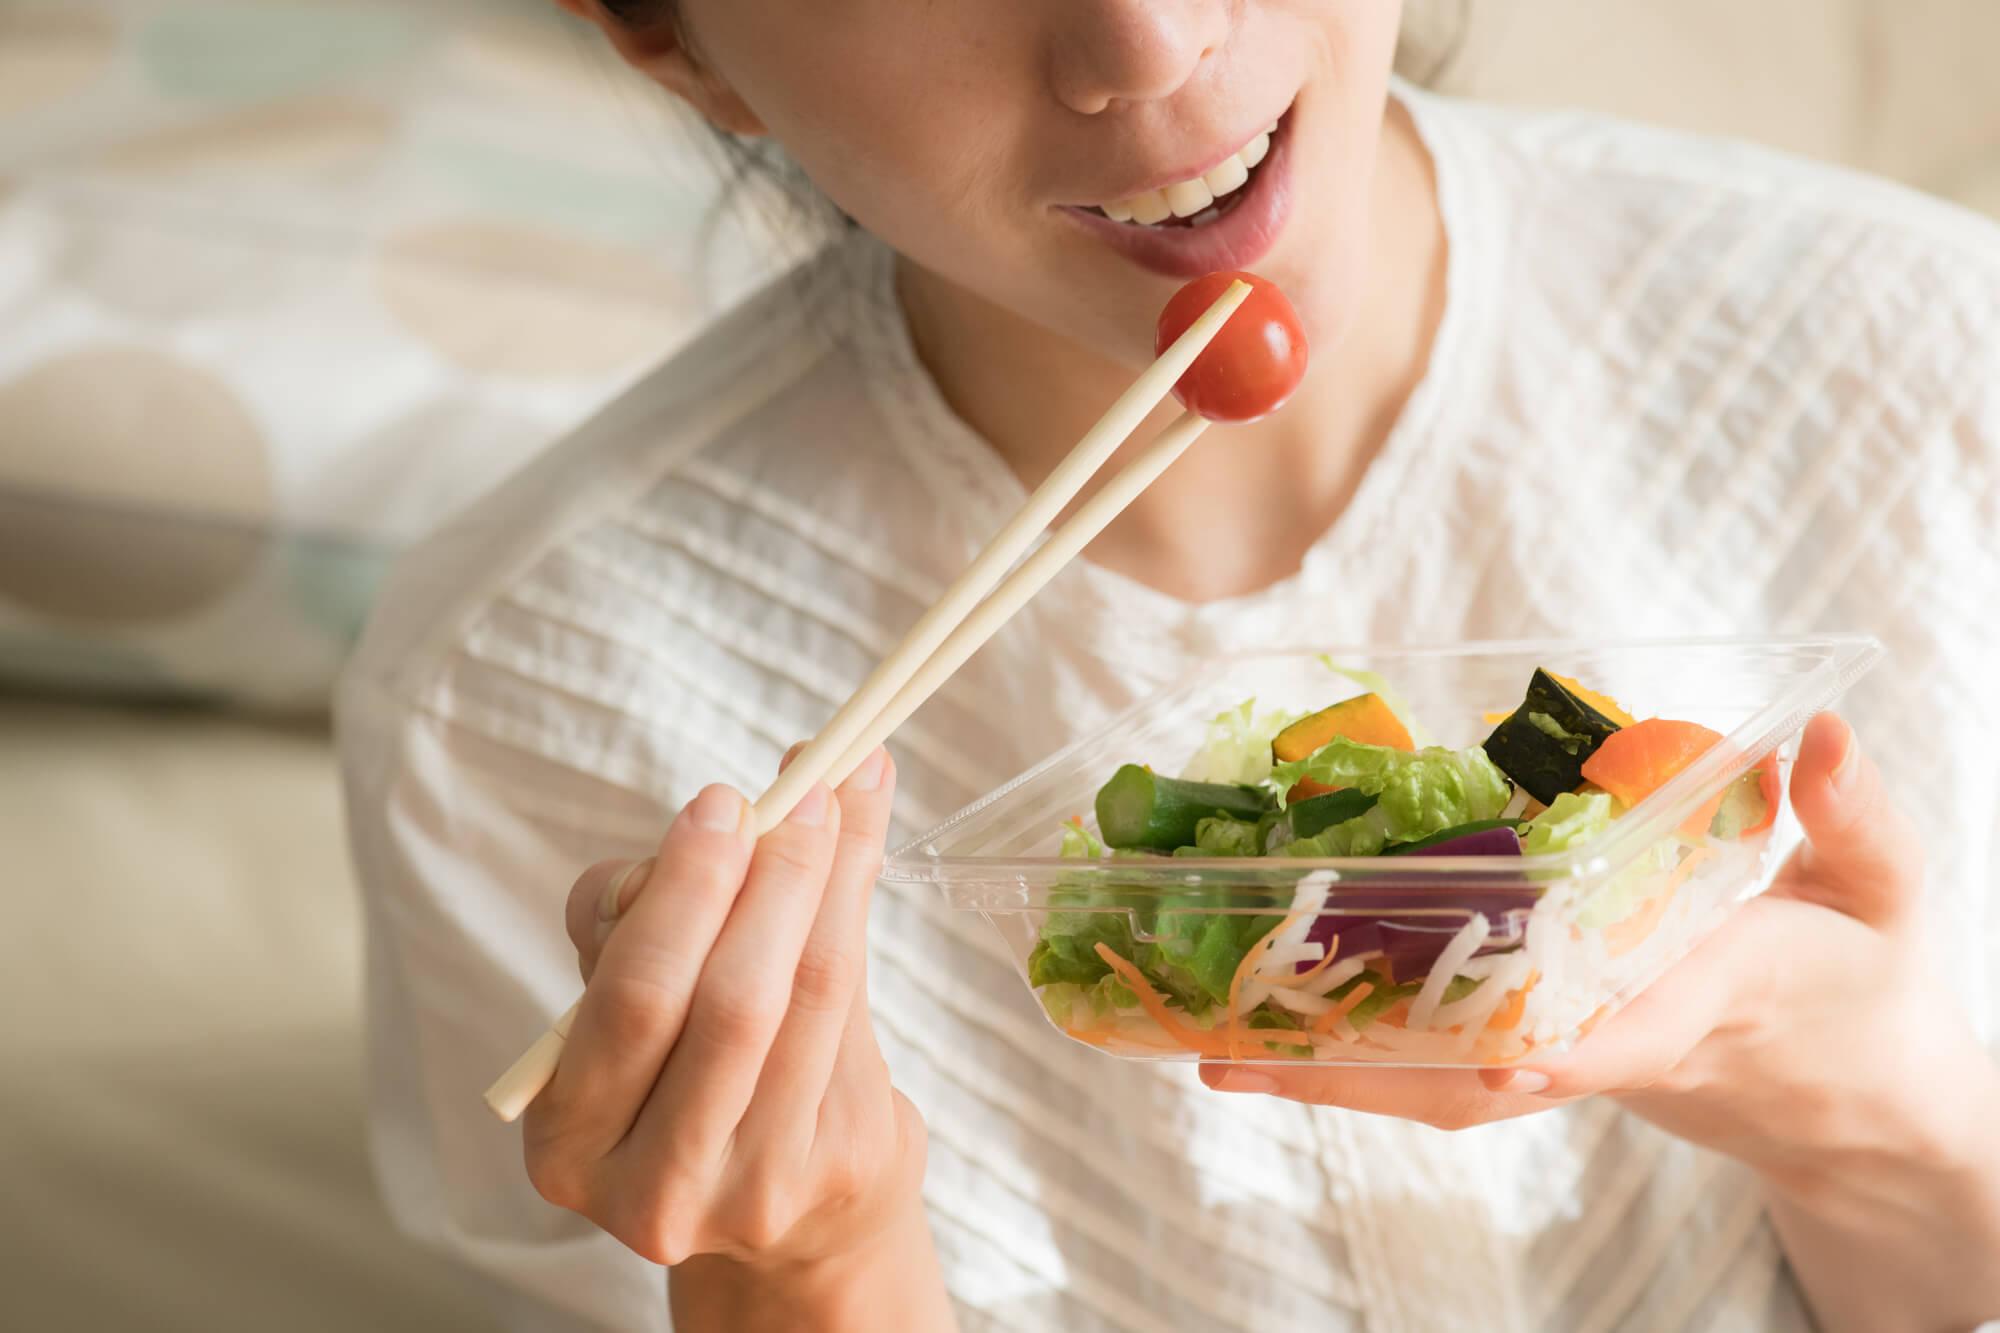 食材宅配でカット済み野菜・食品を配達してくれる業者はどこ?